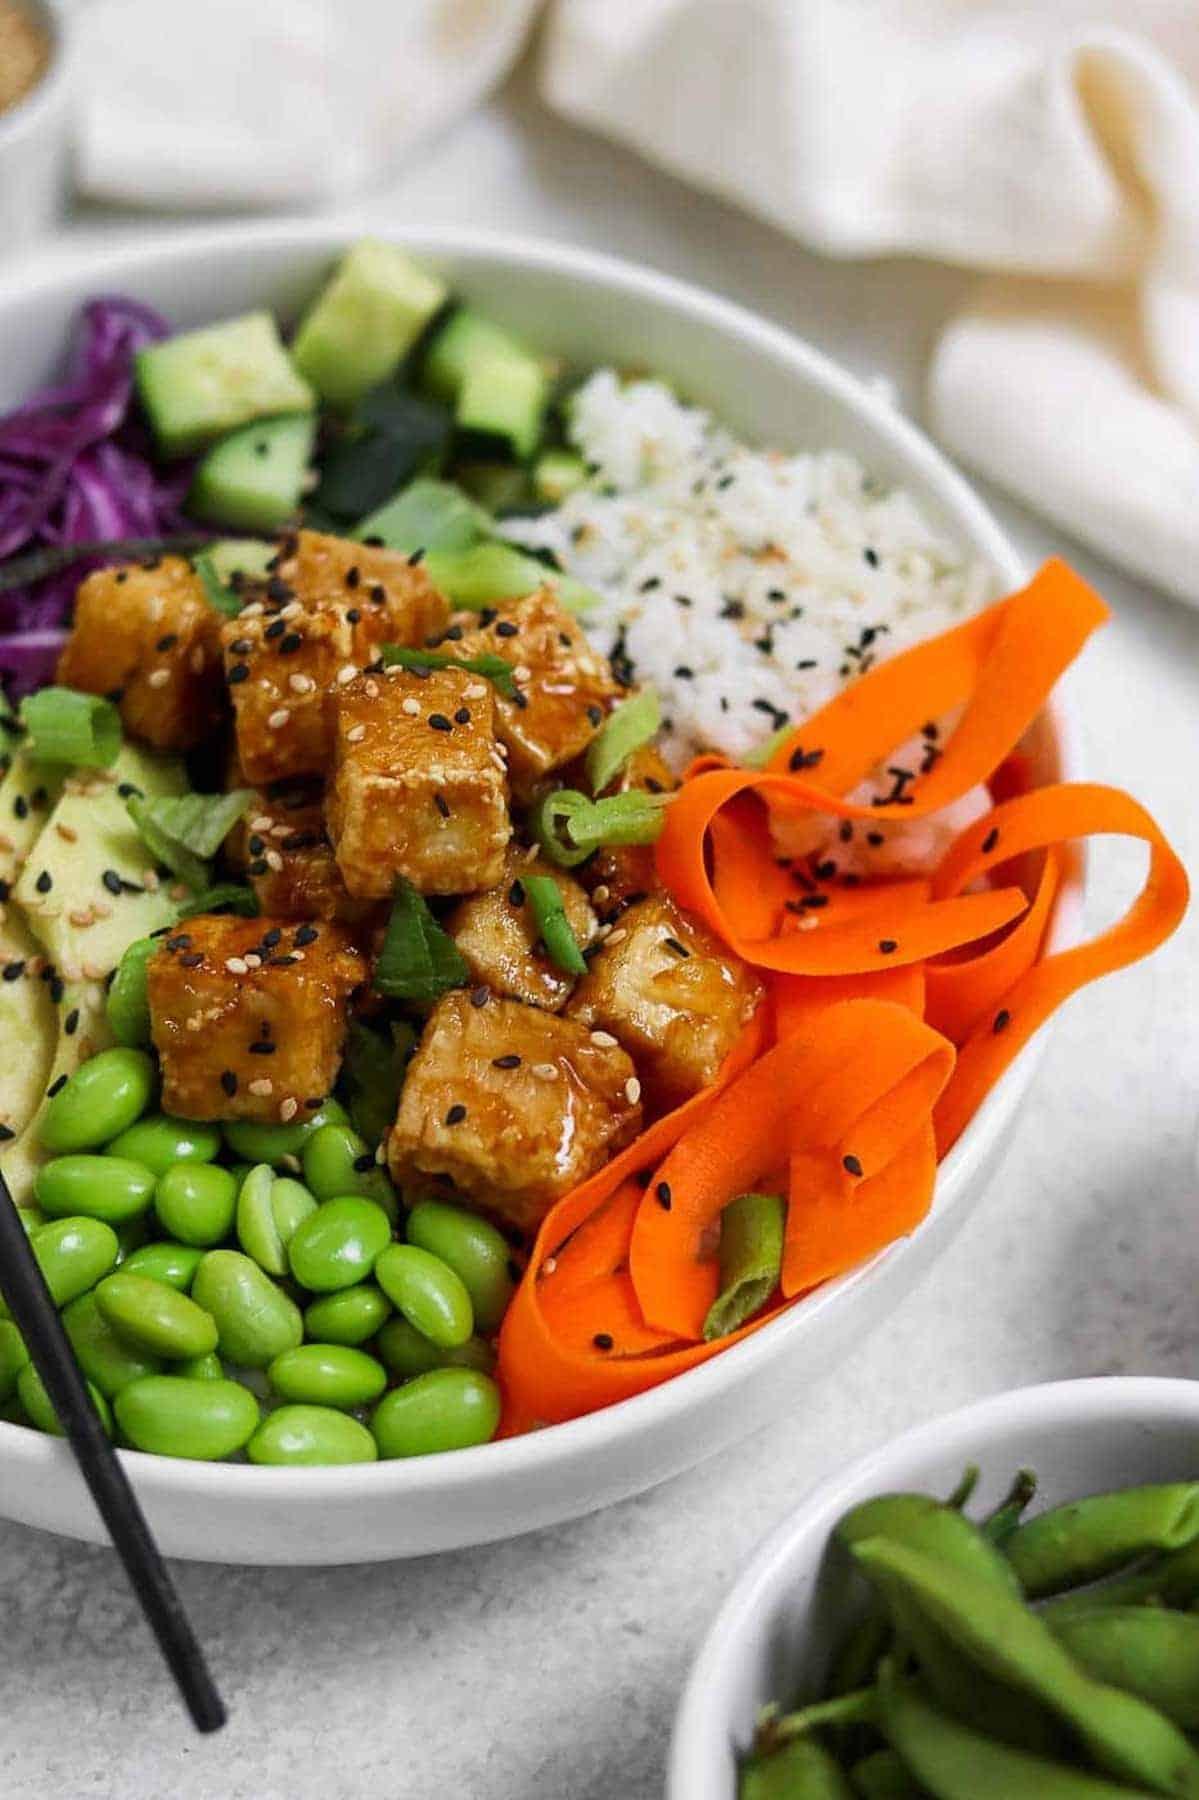 Final recipe with teriyaki tofu on top.